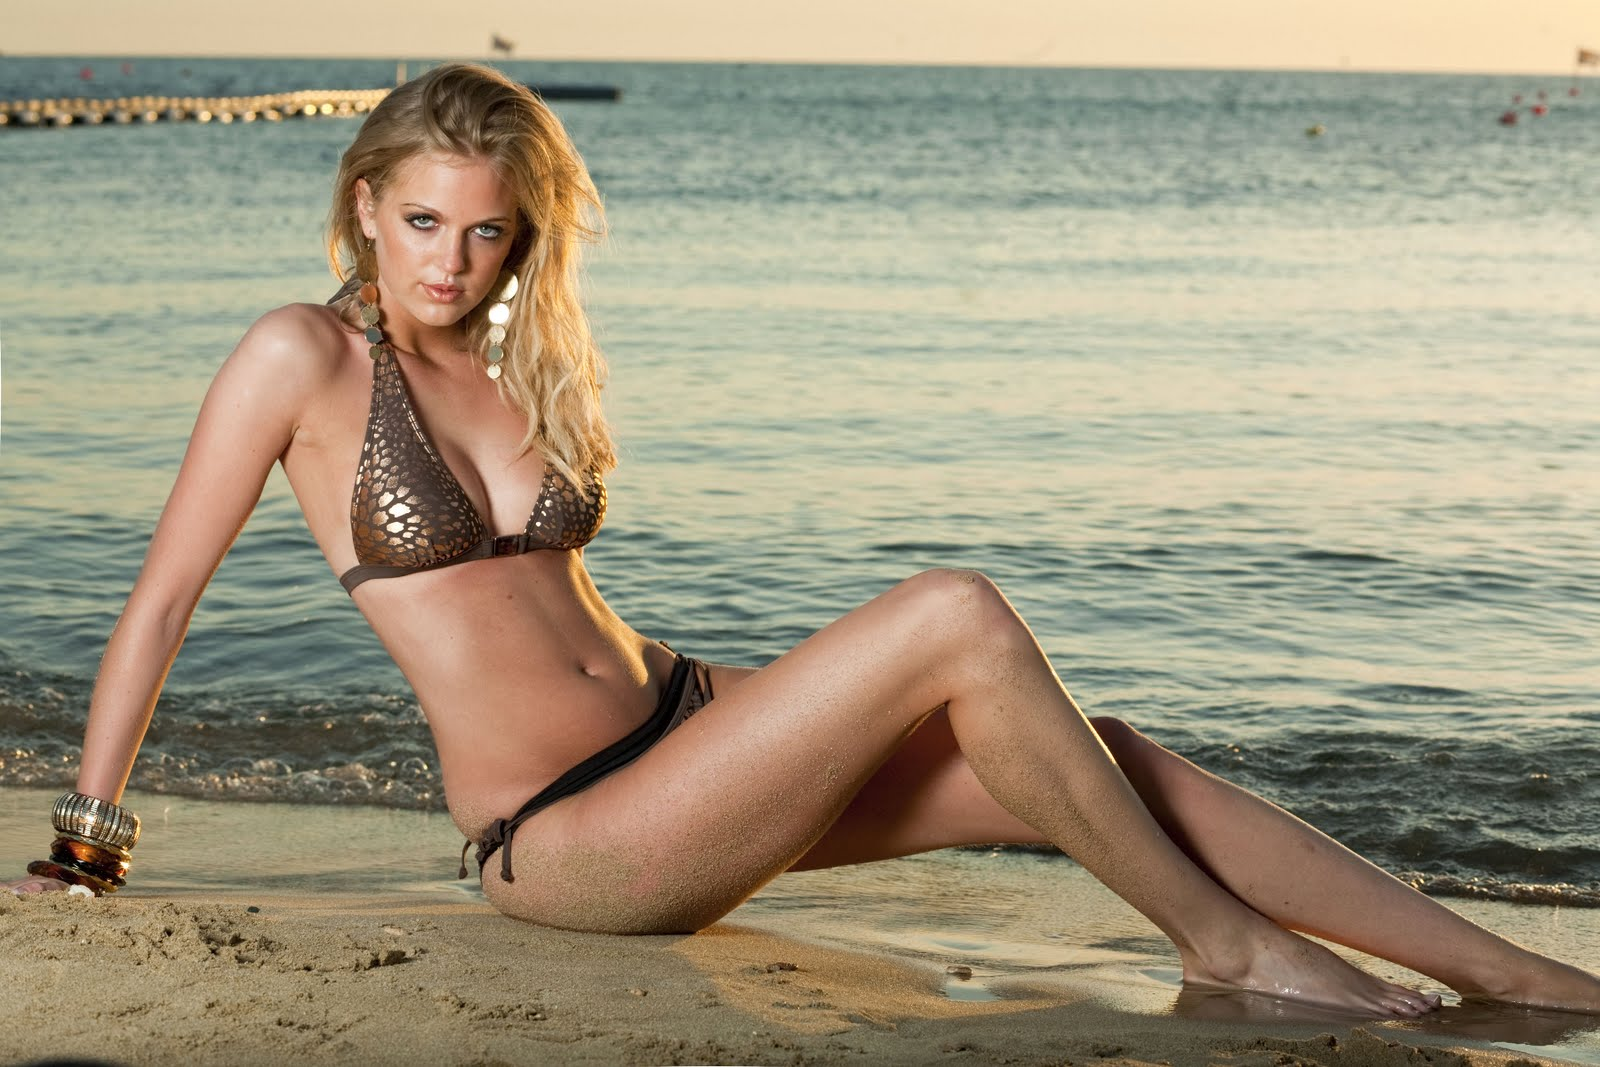 http://2.bp.blogspot.com/_MCy6UZ3NI5M/TIItaOcxeiI/AAAAAAAA1D0/LirbeTaAS0U/s1600/43020-katharine-jenkins-bikini-photo-shoot-may-200.jpg